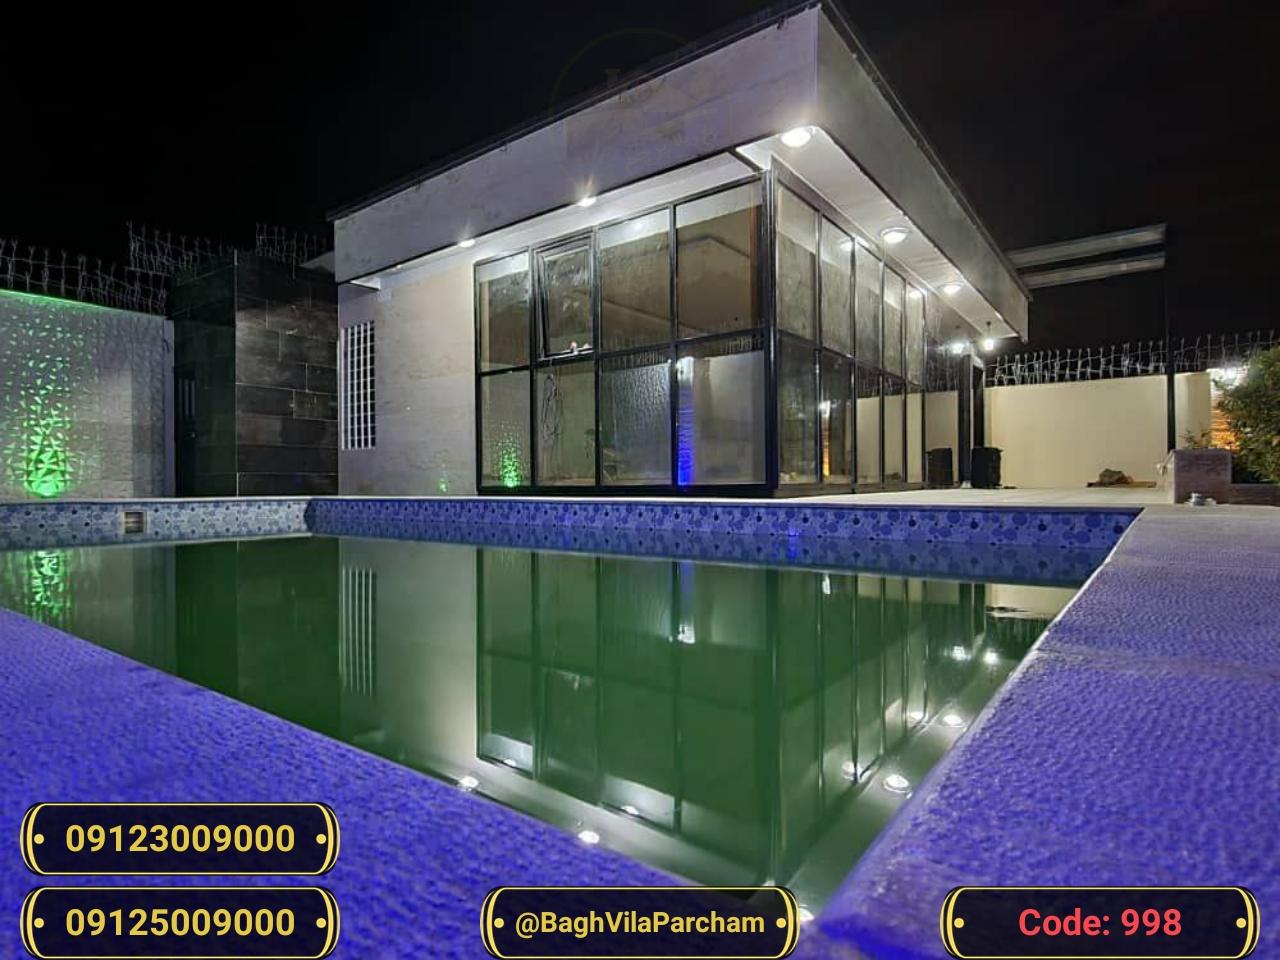 تصویر عکس باغ ویلا شماره 19 از ویلای ۵۰۰ متر ویلا مدرن و زیبا Picture photo image 19 of ۵۰۰ متر ویلا مدرن و زیبا